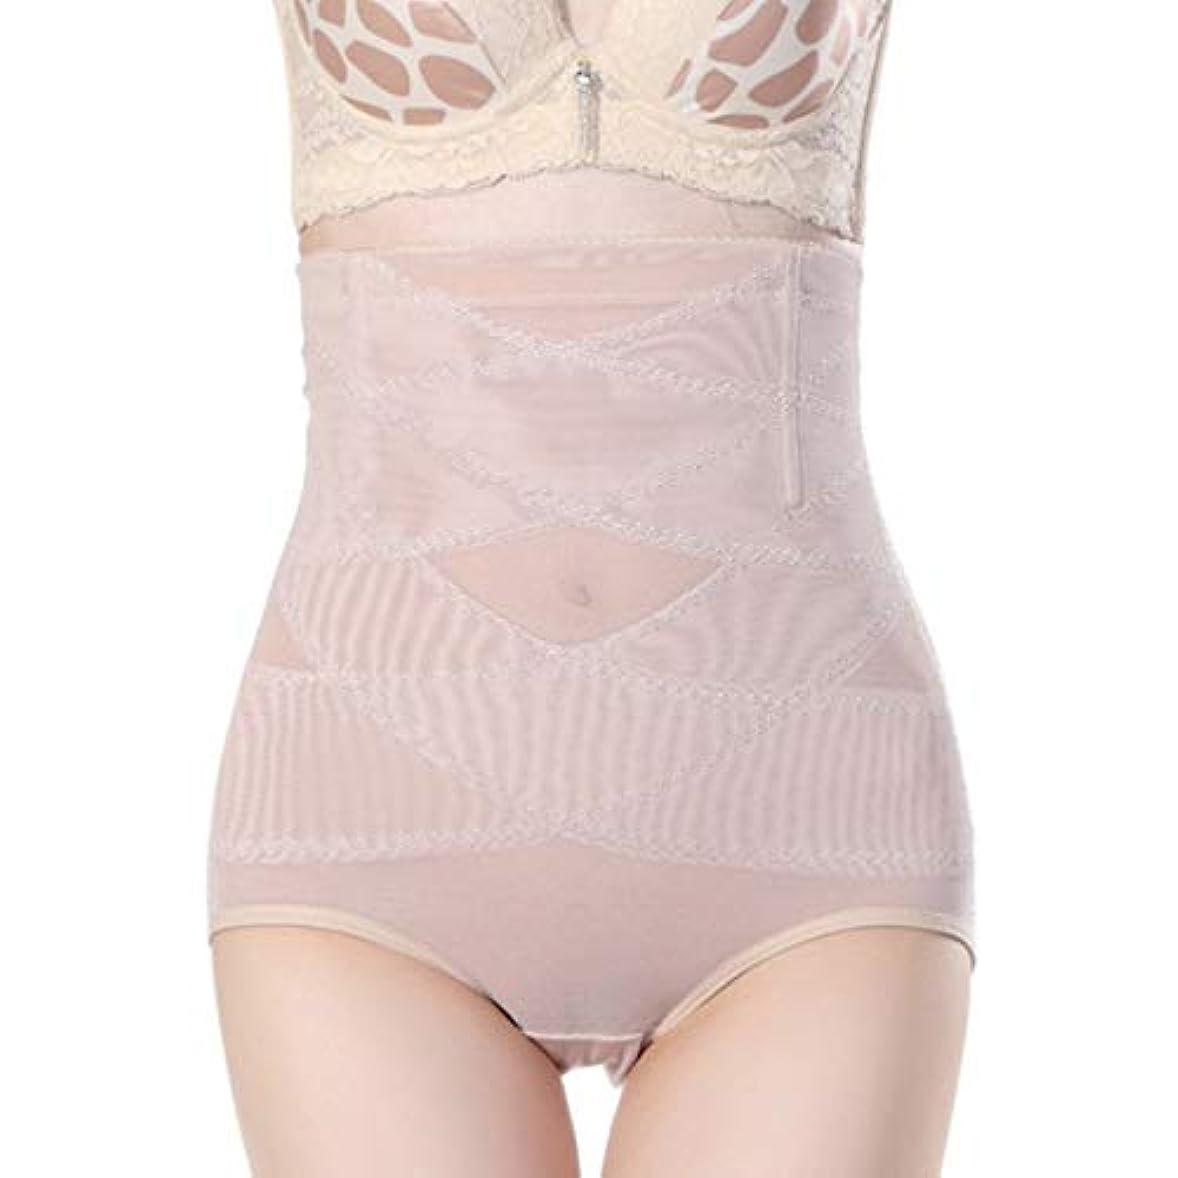 腹部制御下着シームレスおなかコントロールパンティーバットリフターボディシェイパーを痩身通気性のハイウエストの女性 - 肌色2 XL